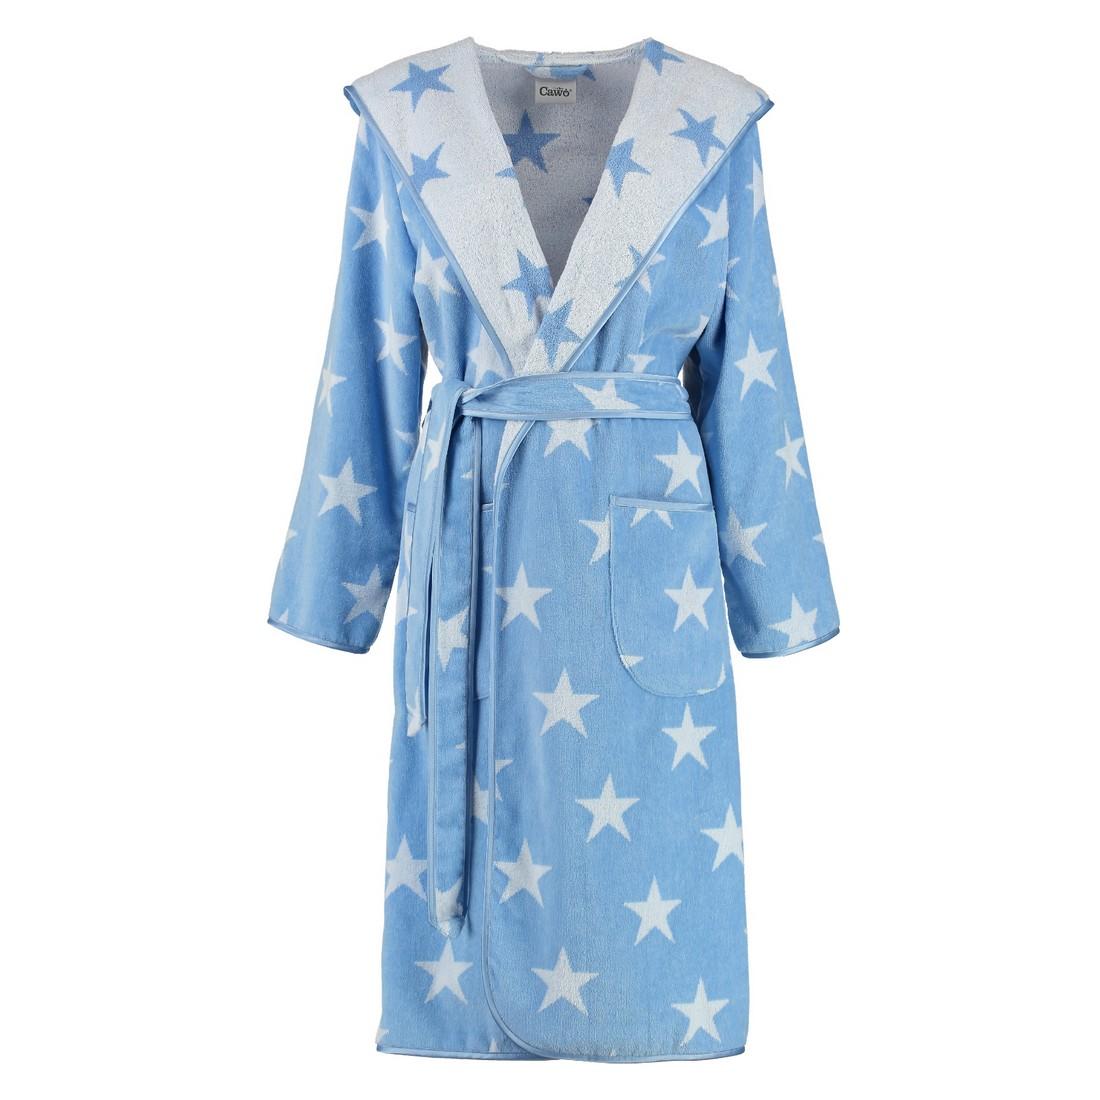 Bademäntel Damen Velours Stars 5240 – 100% Baumwolle hellblau – 16 – L, Cawö jetzt kaufen